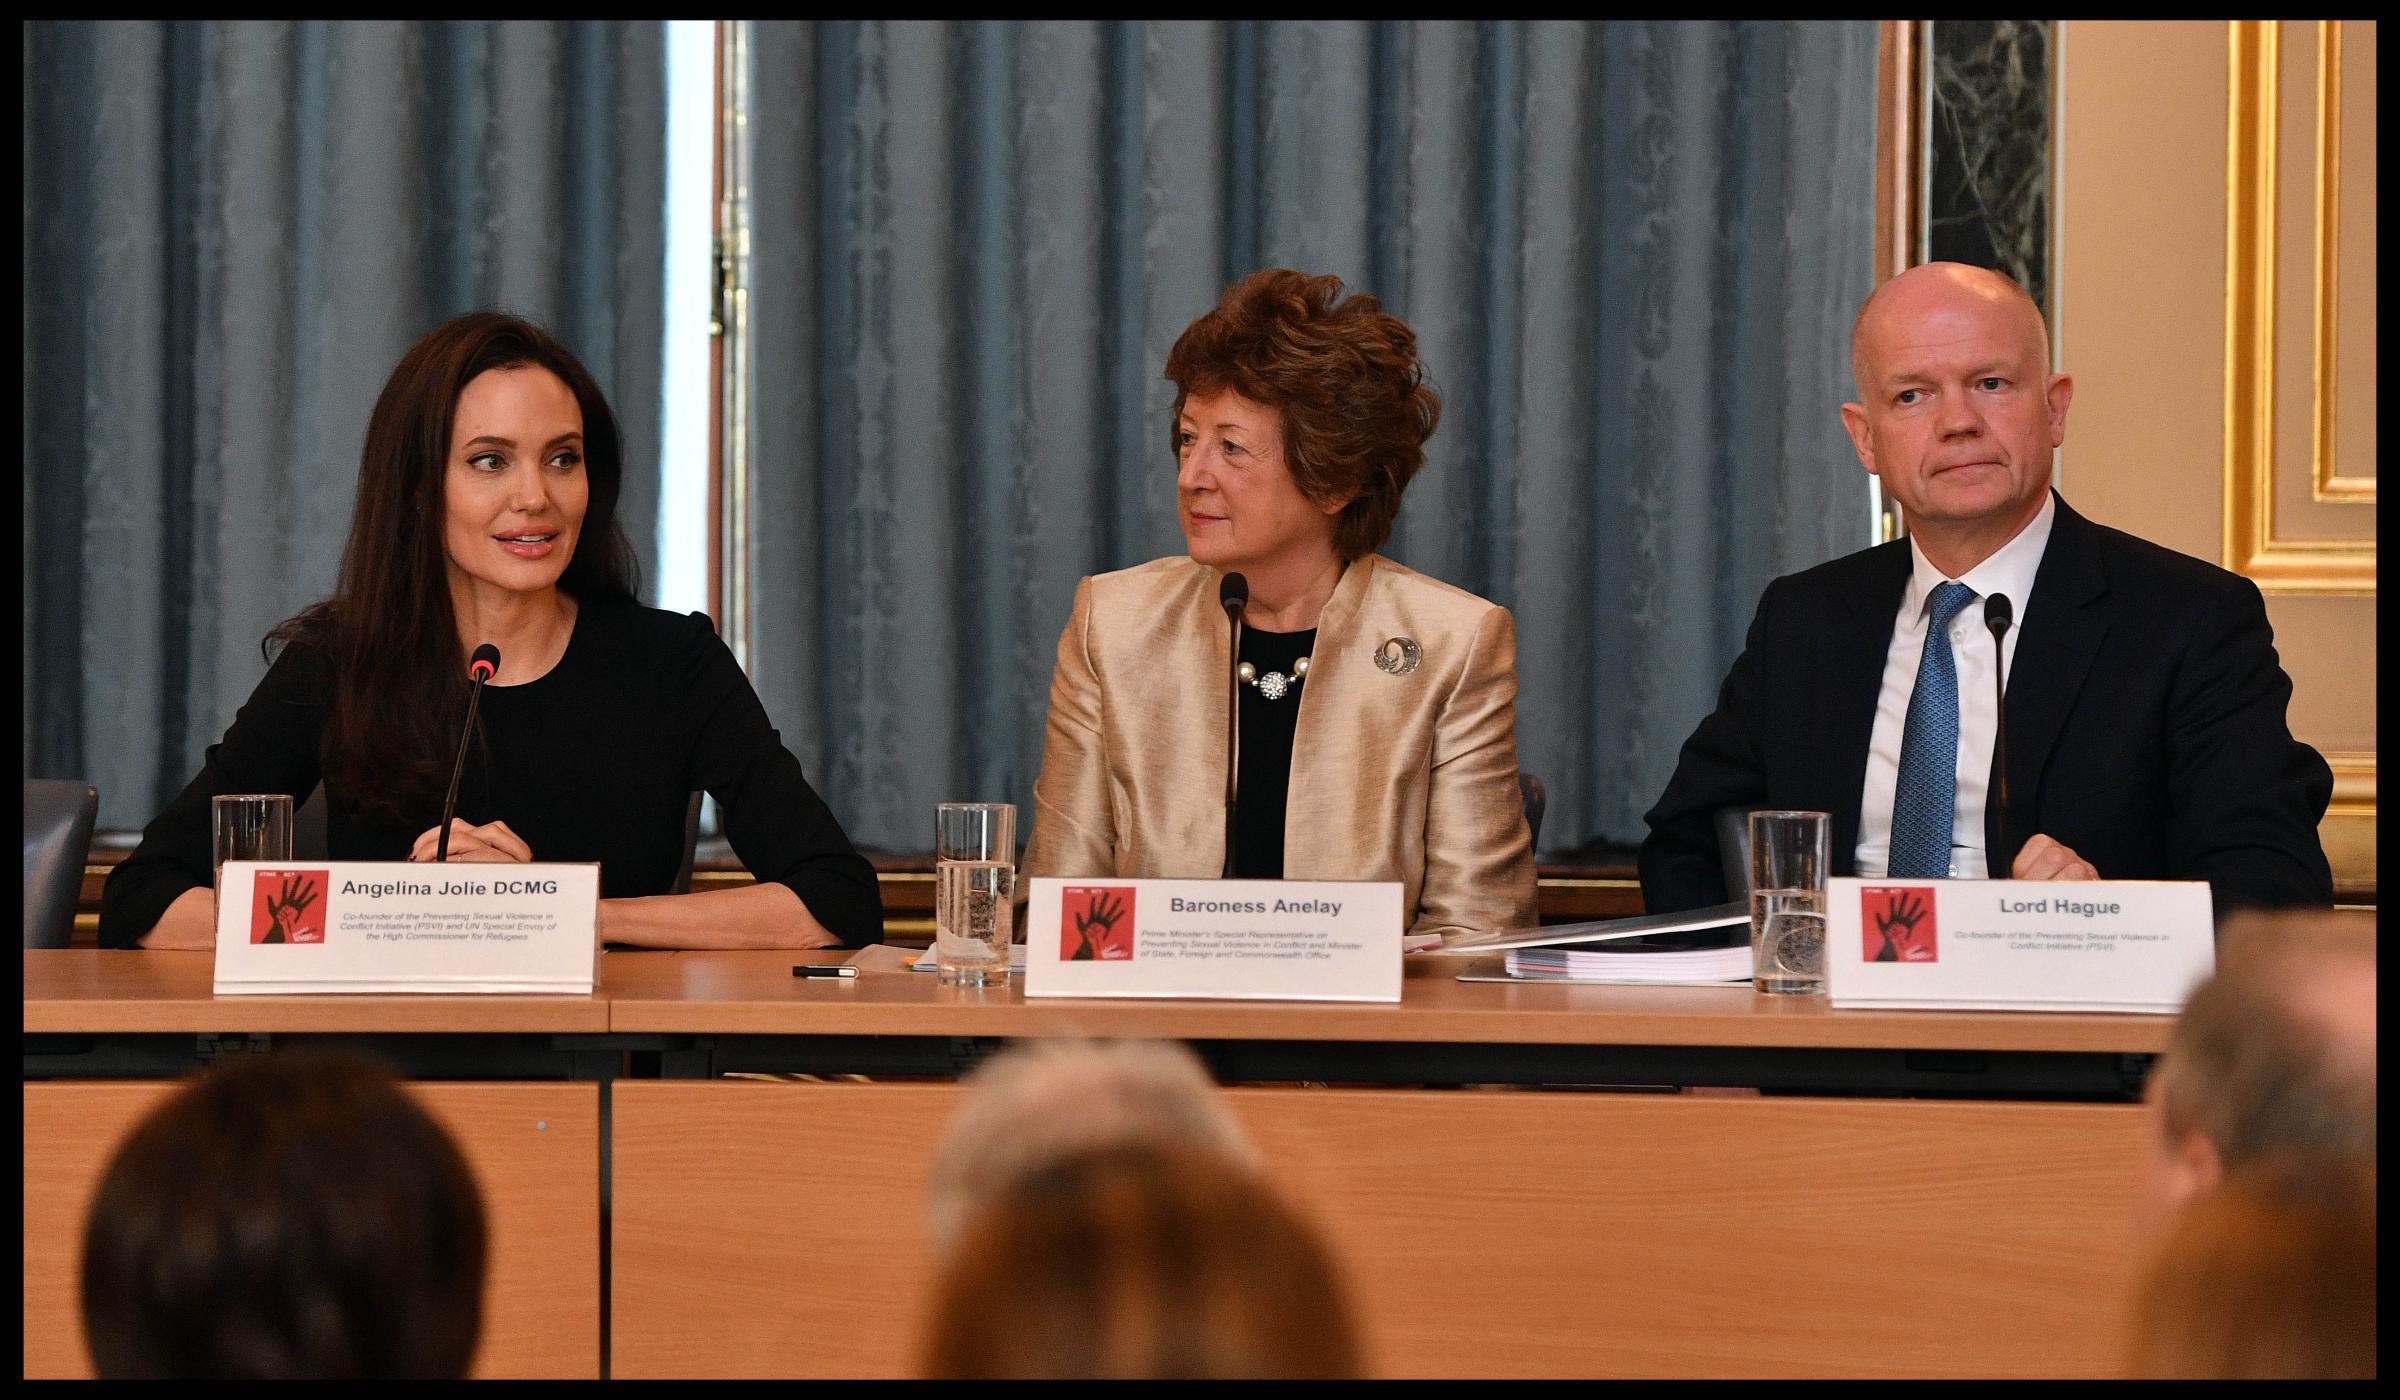 Angelina Jolie a Londra per i diritti delle donne